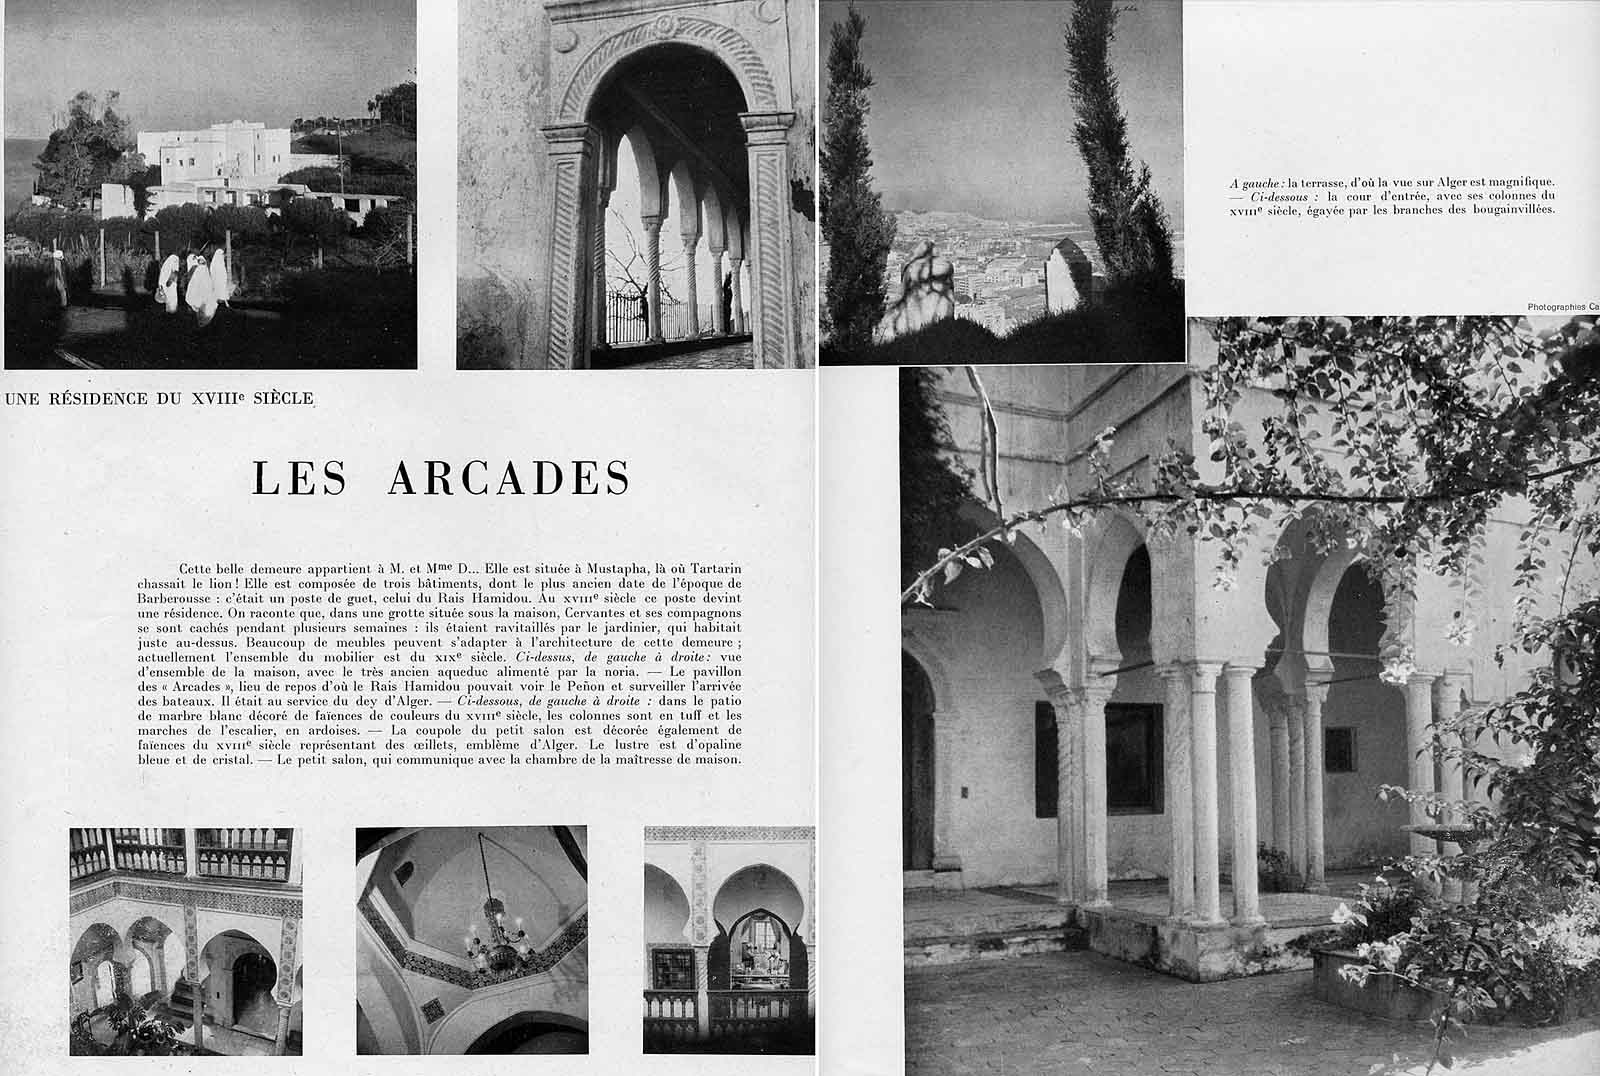 Belles demeures : Les Arcades